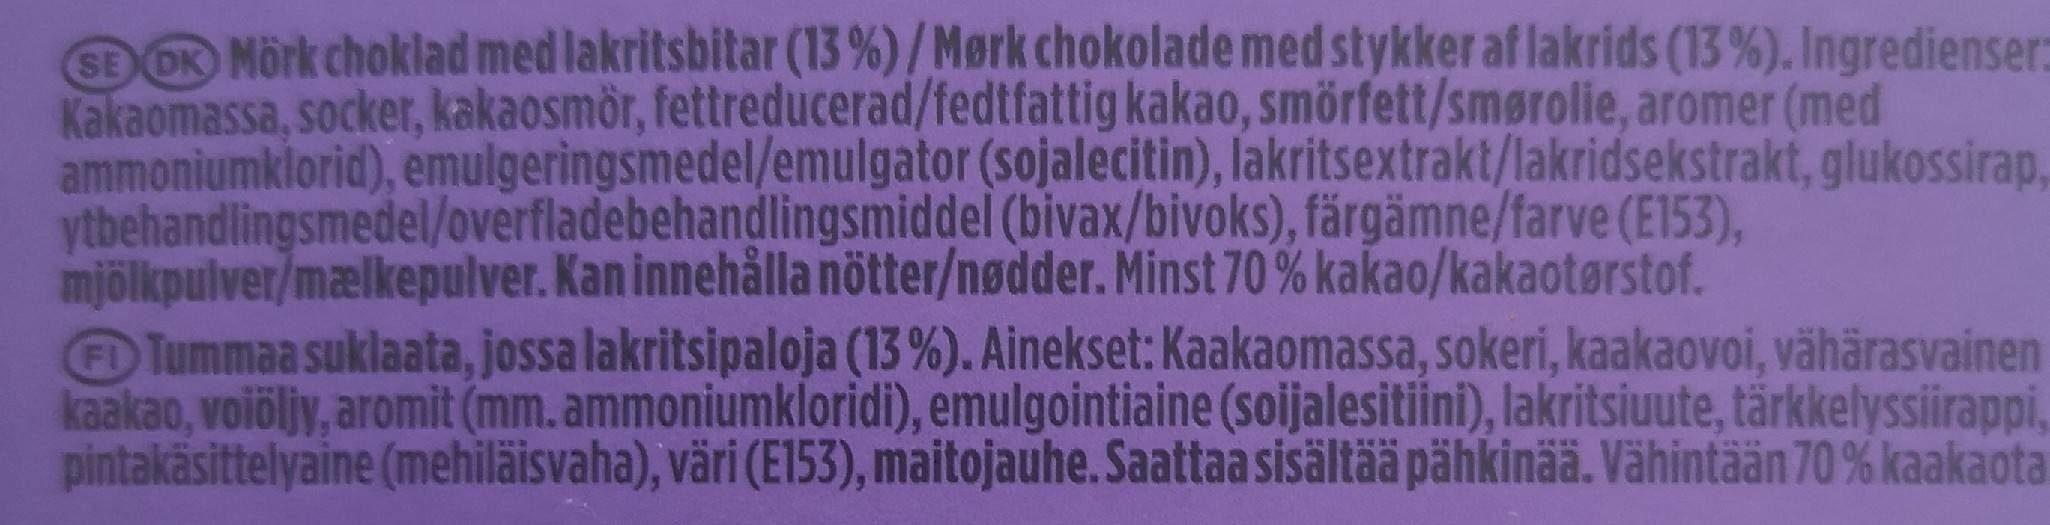 Marabou premium fin 70% - Ingrédients - fr